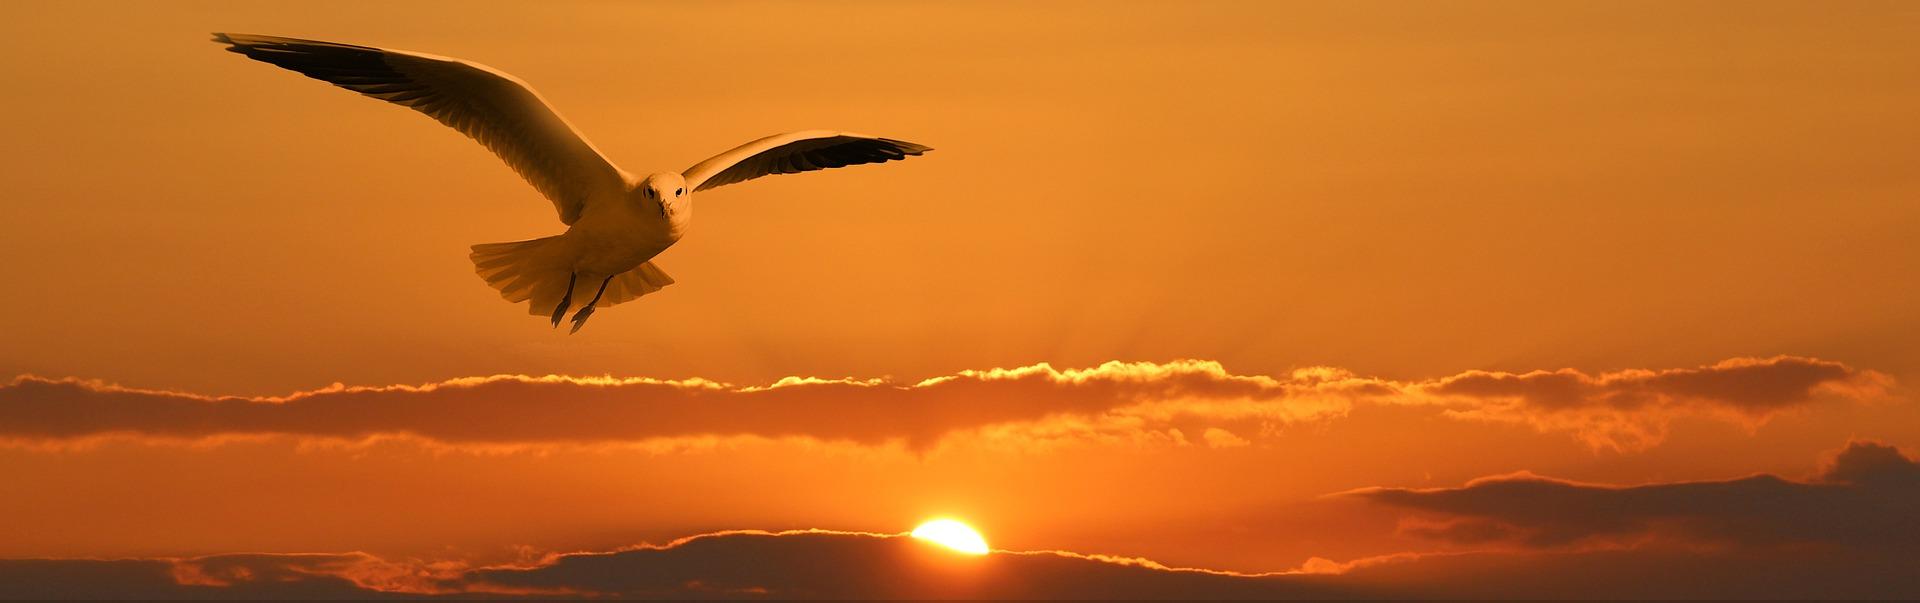 Freedom Gull